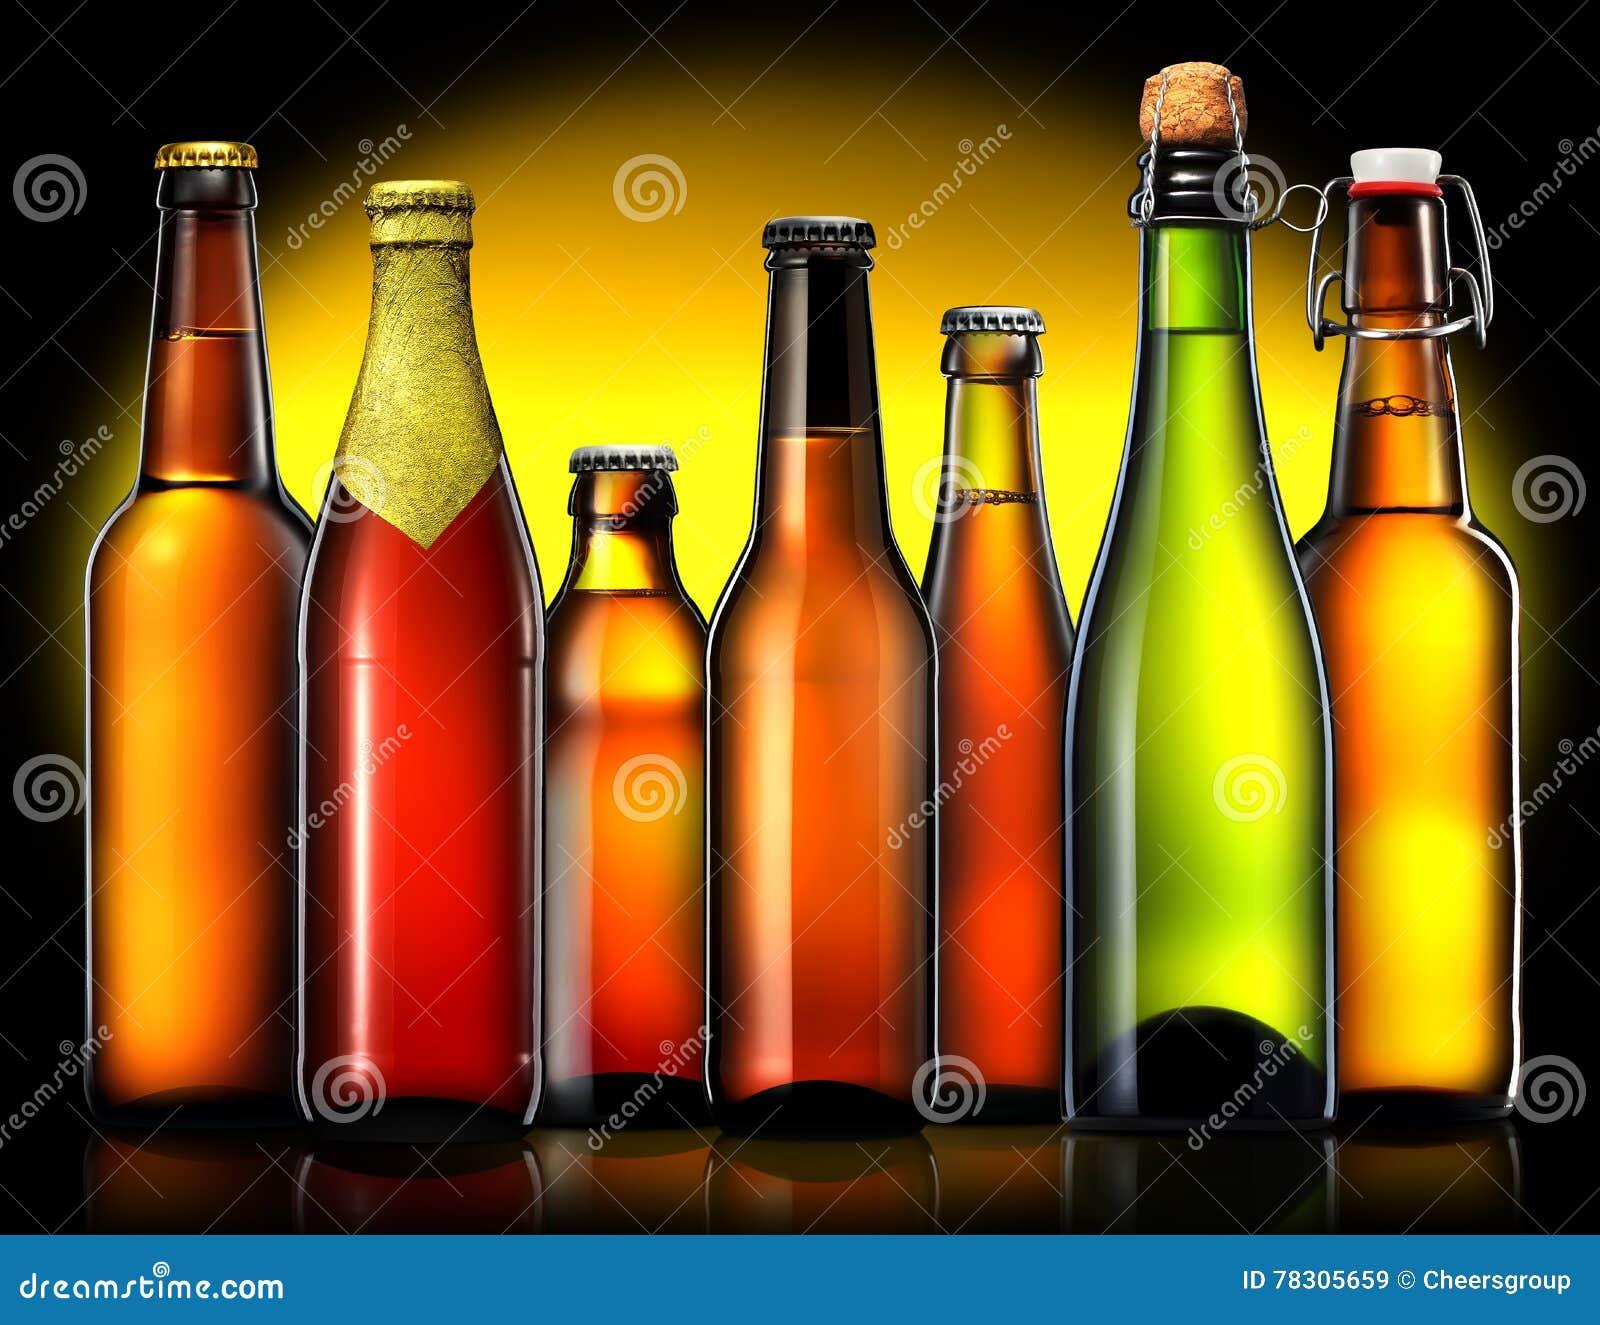 Sistema de botellas de cerveza en fondo negro